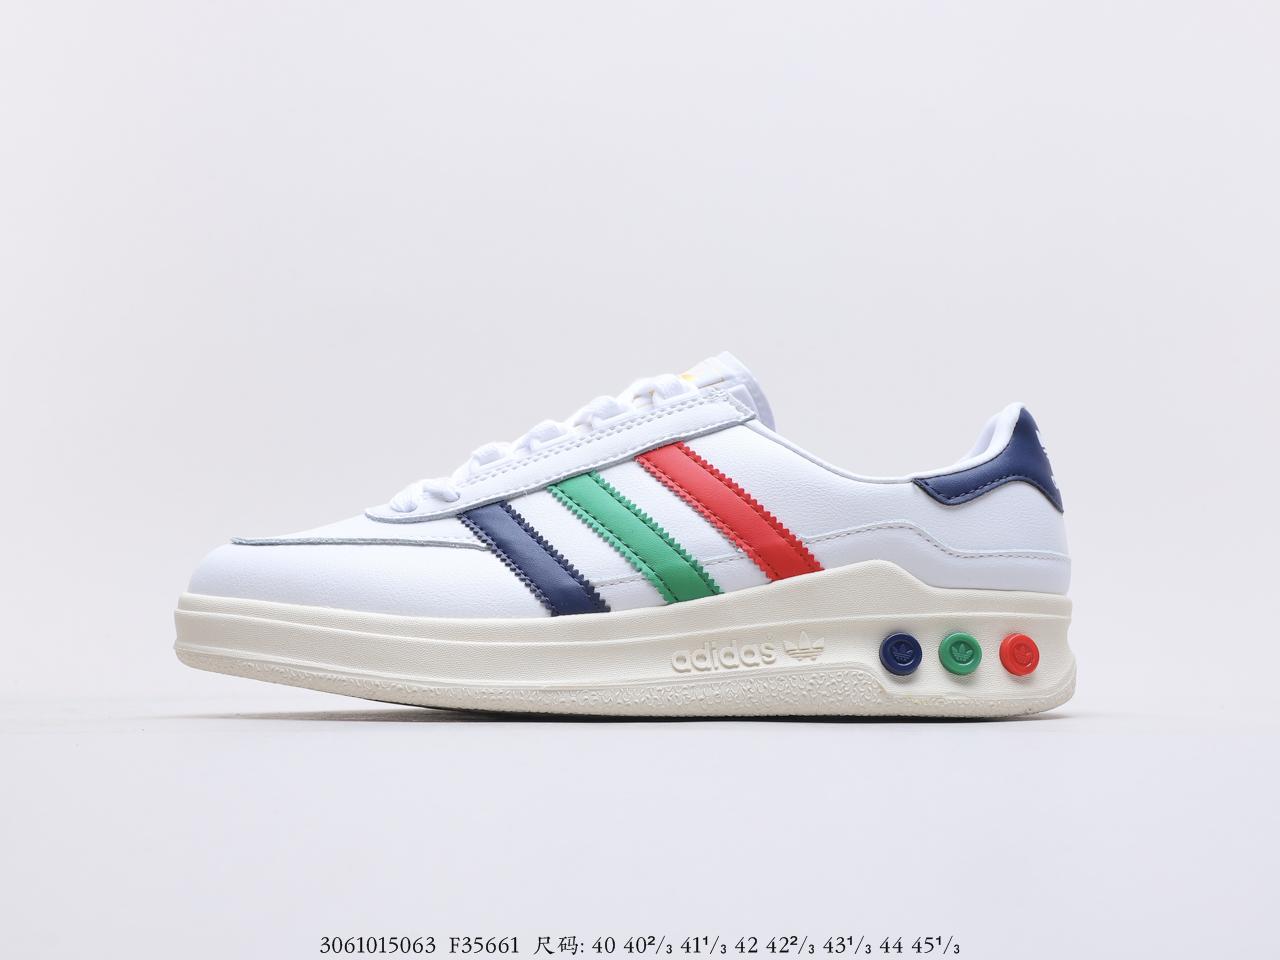 阿迪达斯Adidas GLXY SPZL 三道杠红绿灯复古休闲板鞋